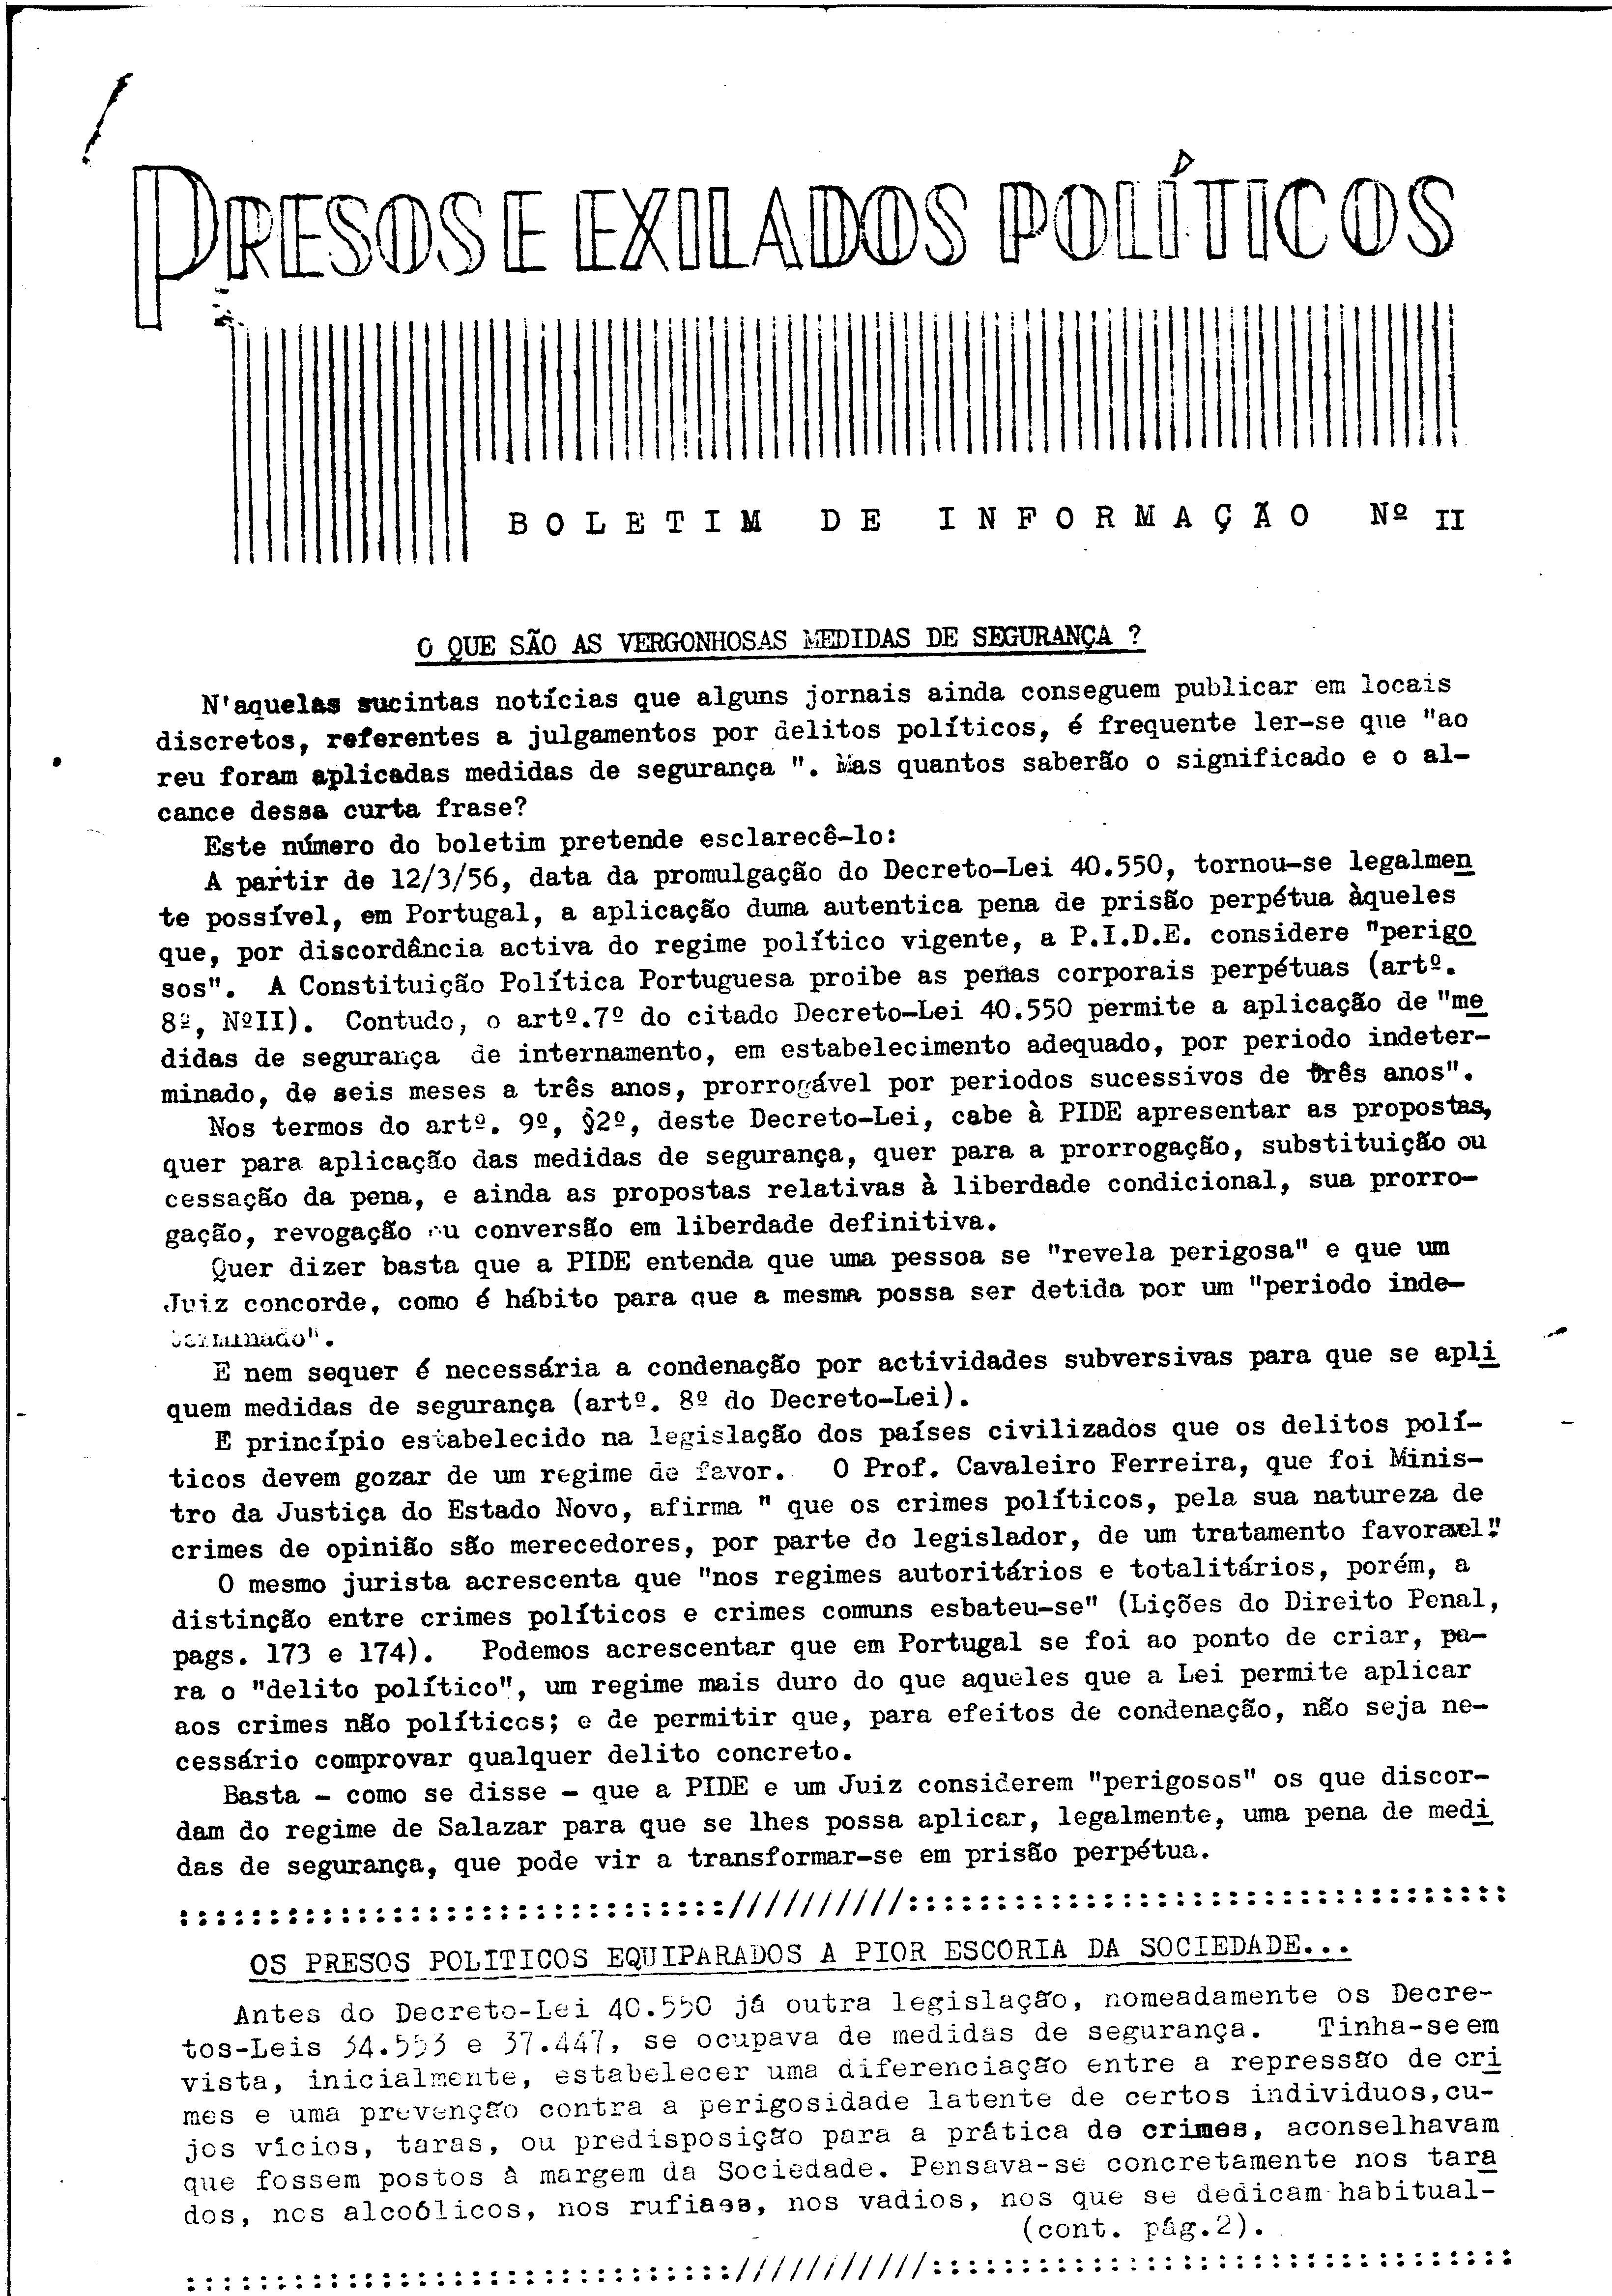 02243.019- pag.1